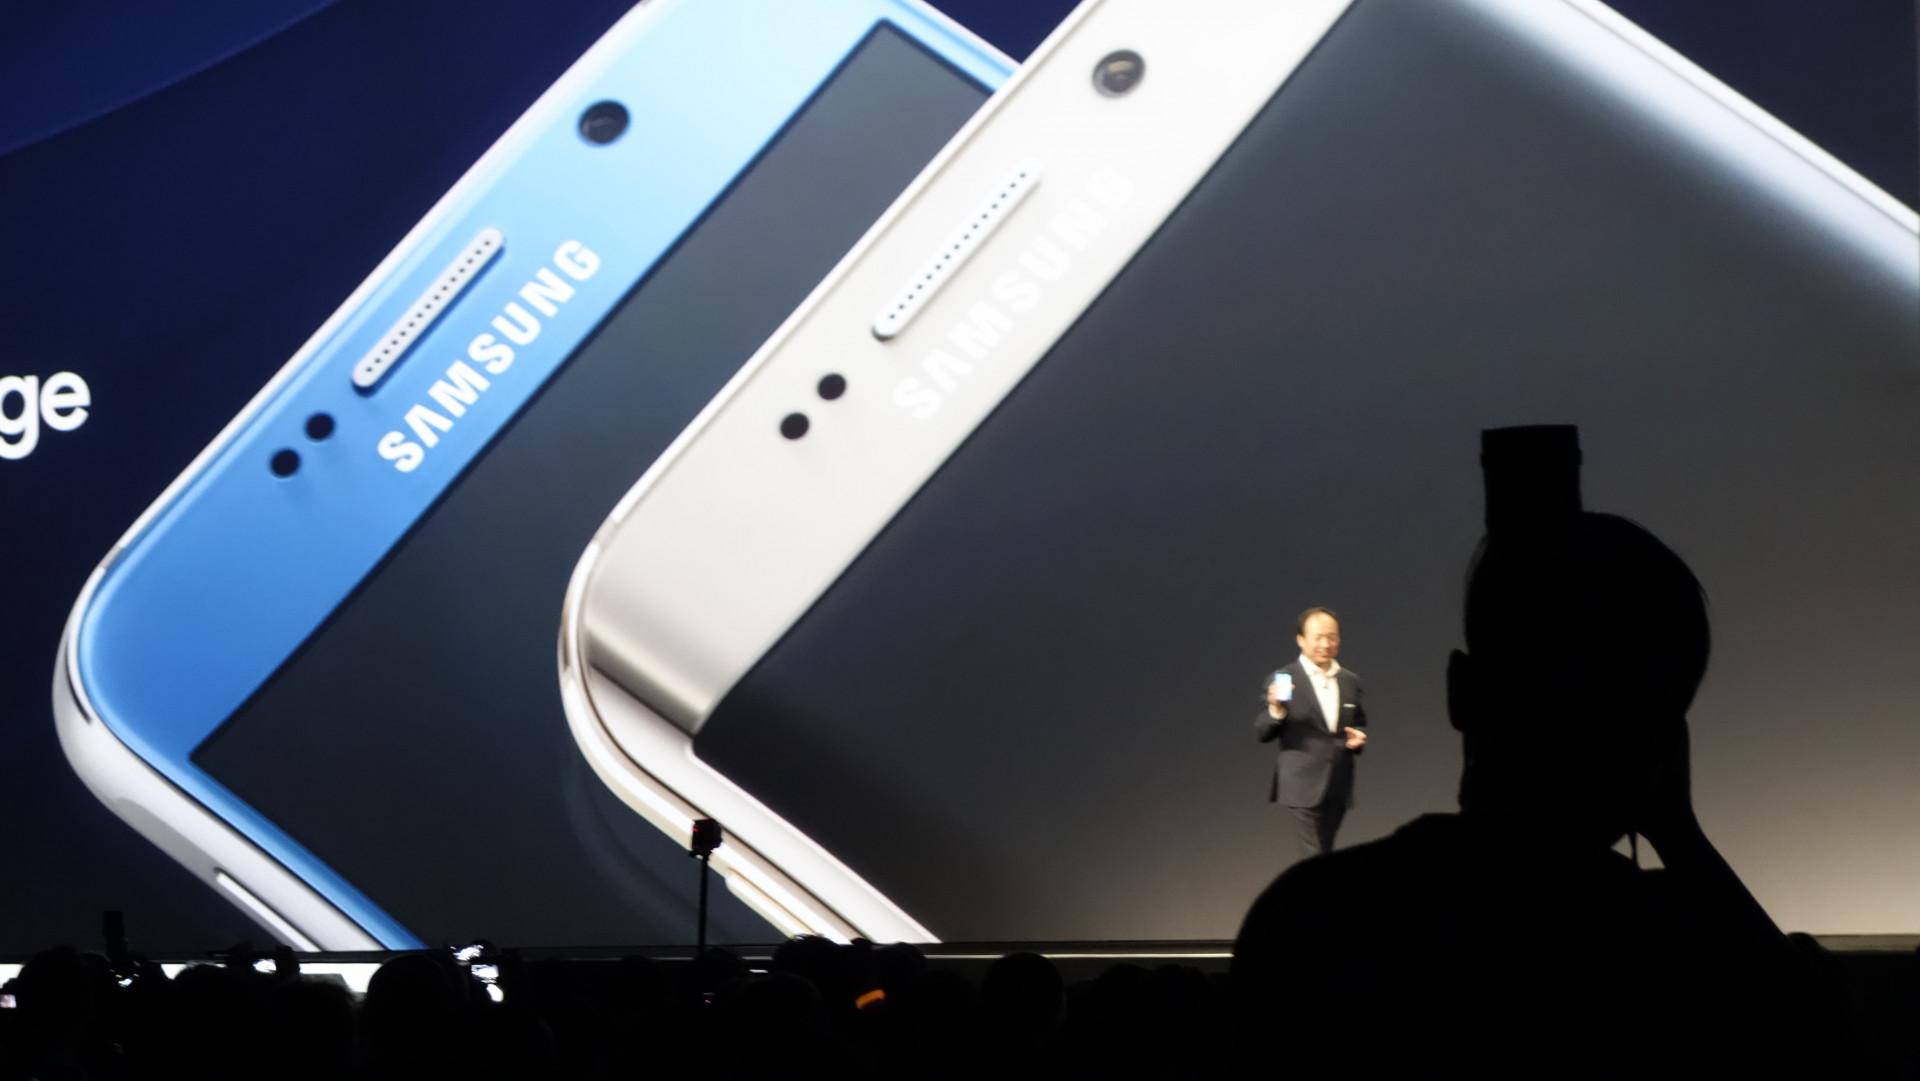 Das waren die Smartphone-Highlights des MWC 2015